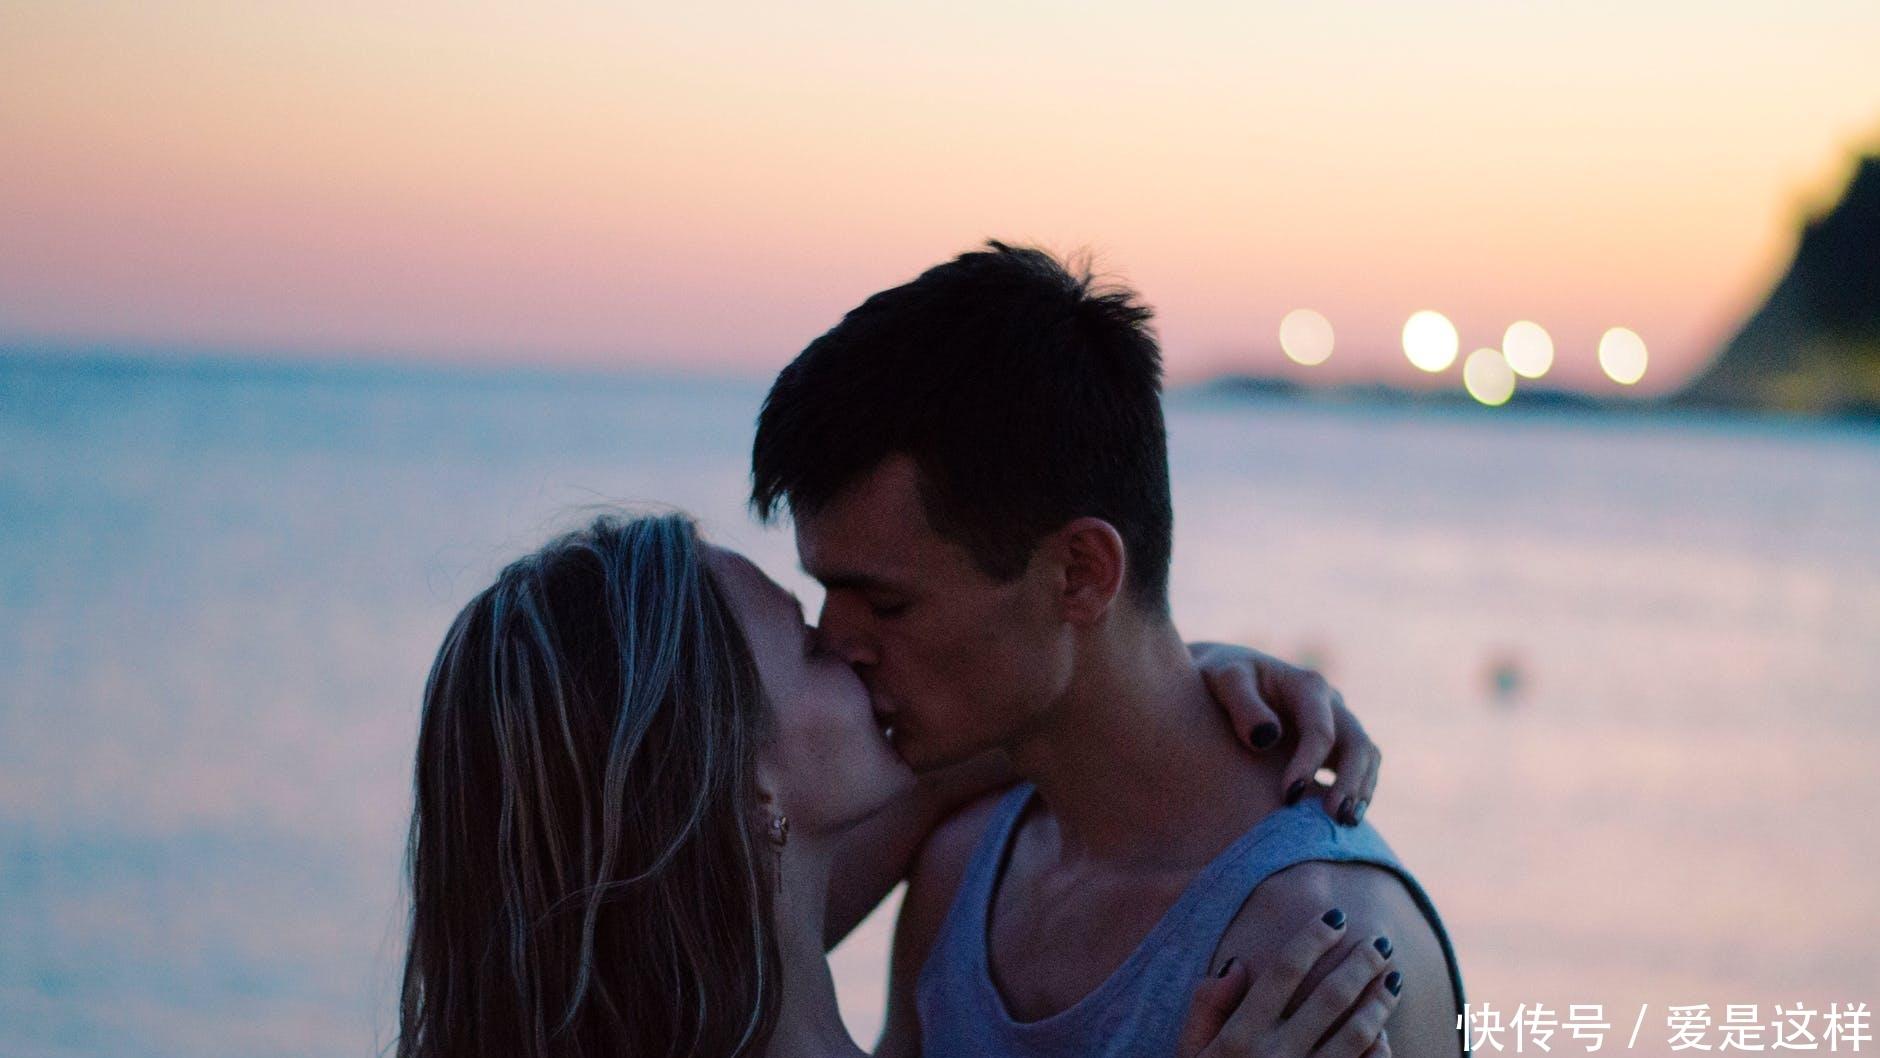 """异性之间,要达到""""心有灵犀""""的境界,往往需要懂得爱情三角理论"""